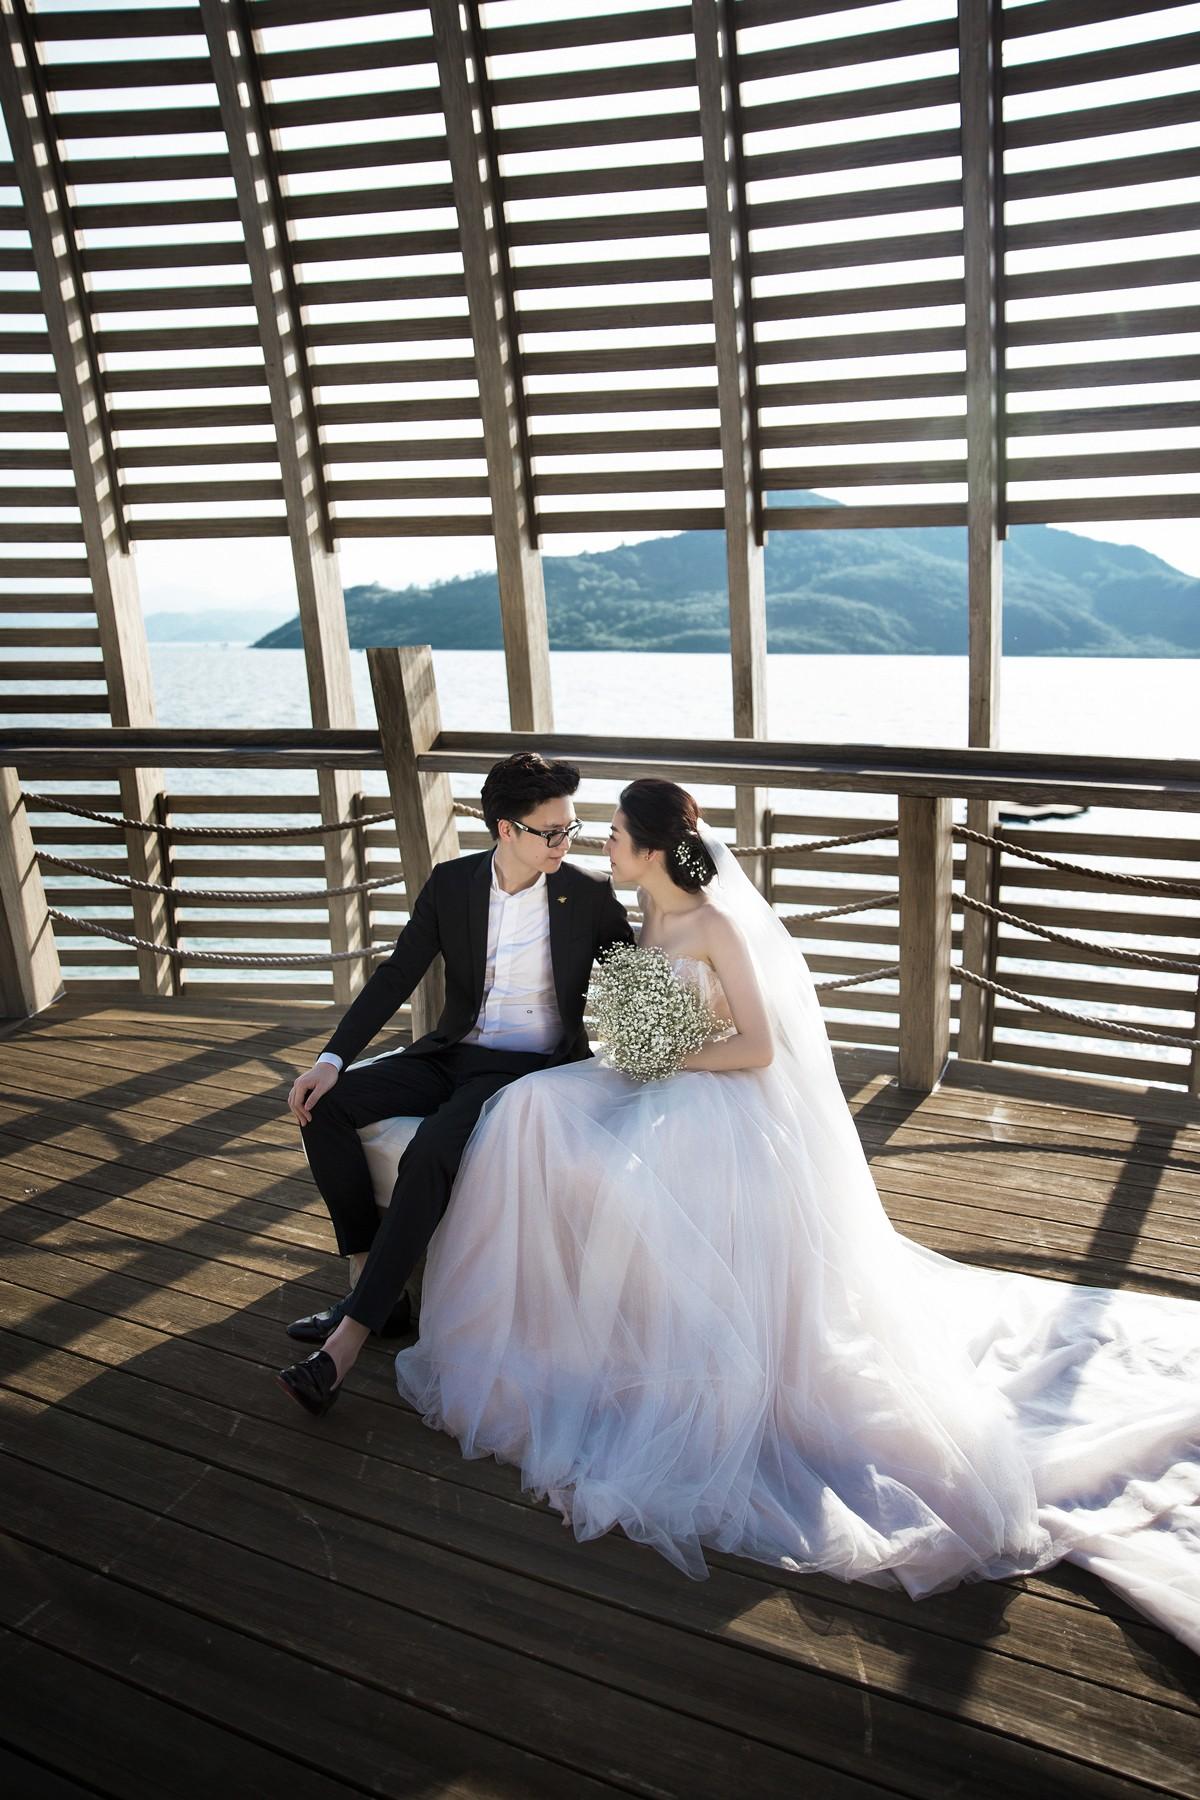 Trước ngày cưới 2 ngày, Á hậu Tú Anh khoe loạt ảnh cưới sang chảnh ngoài biển - Ảnh 4.